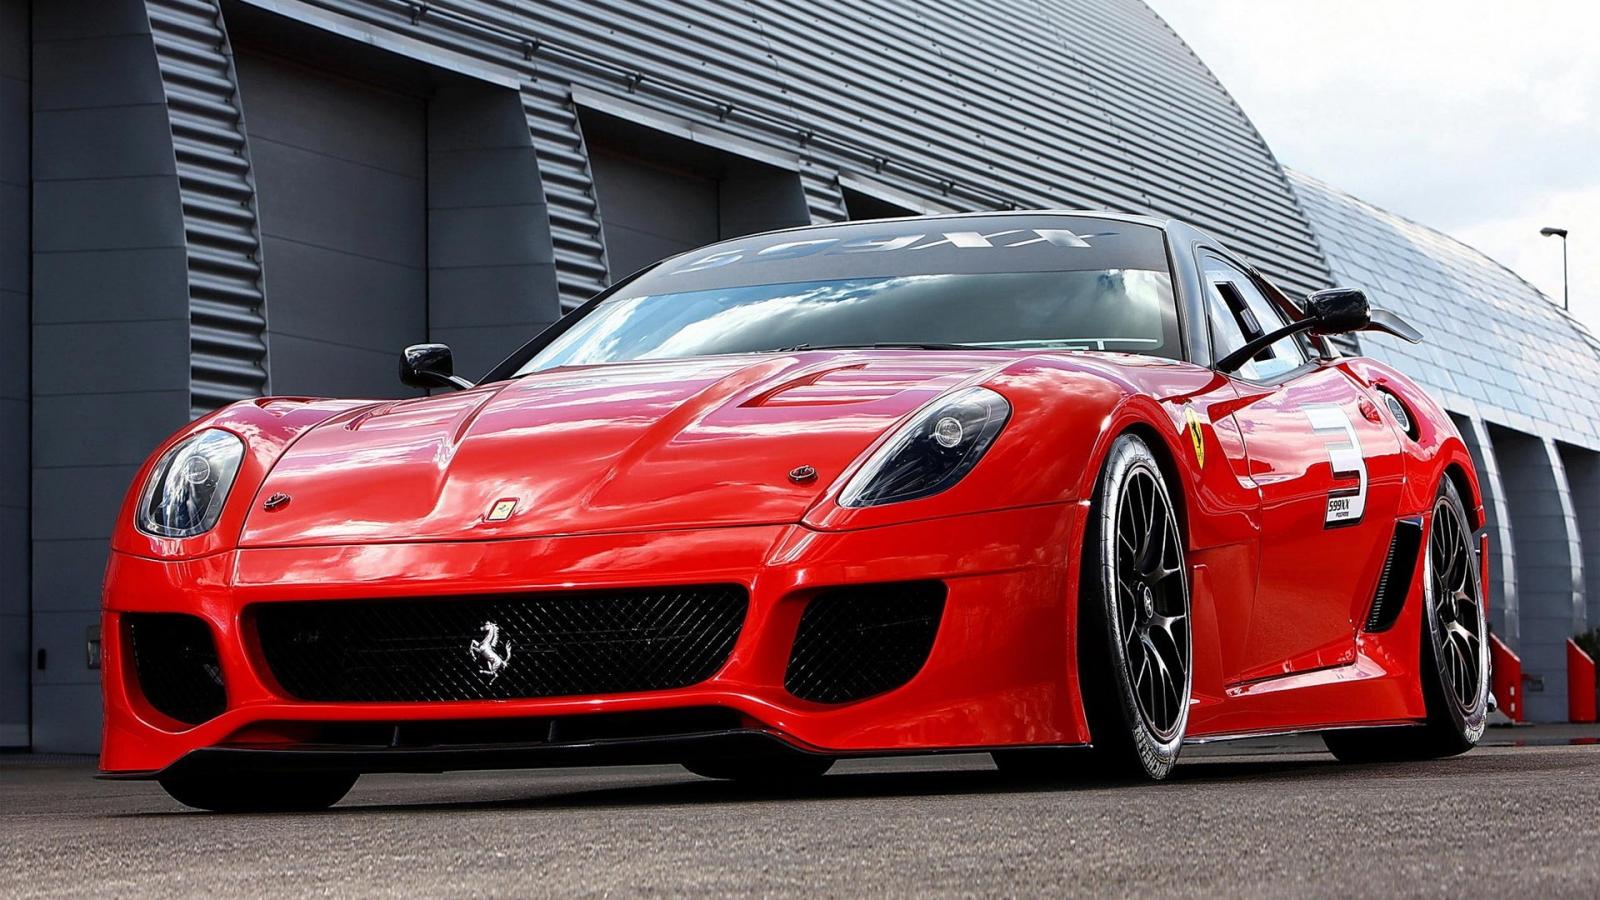 El Ferrari Rojo - 1600x900